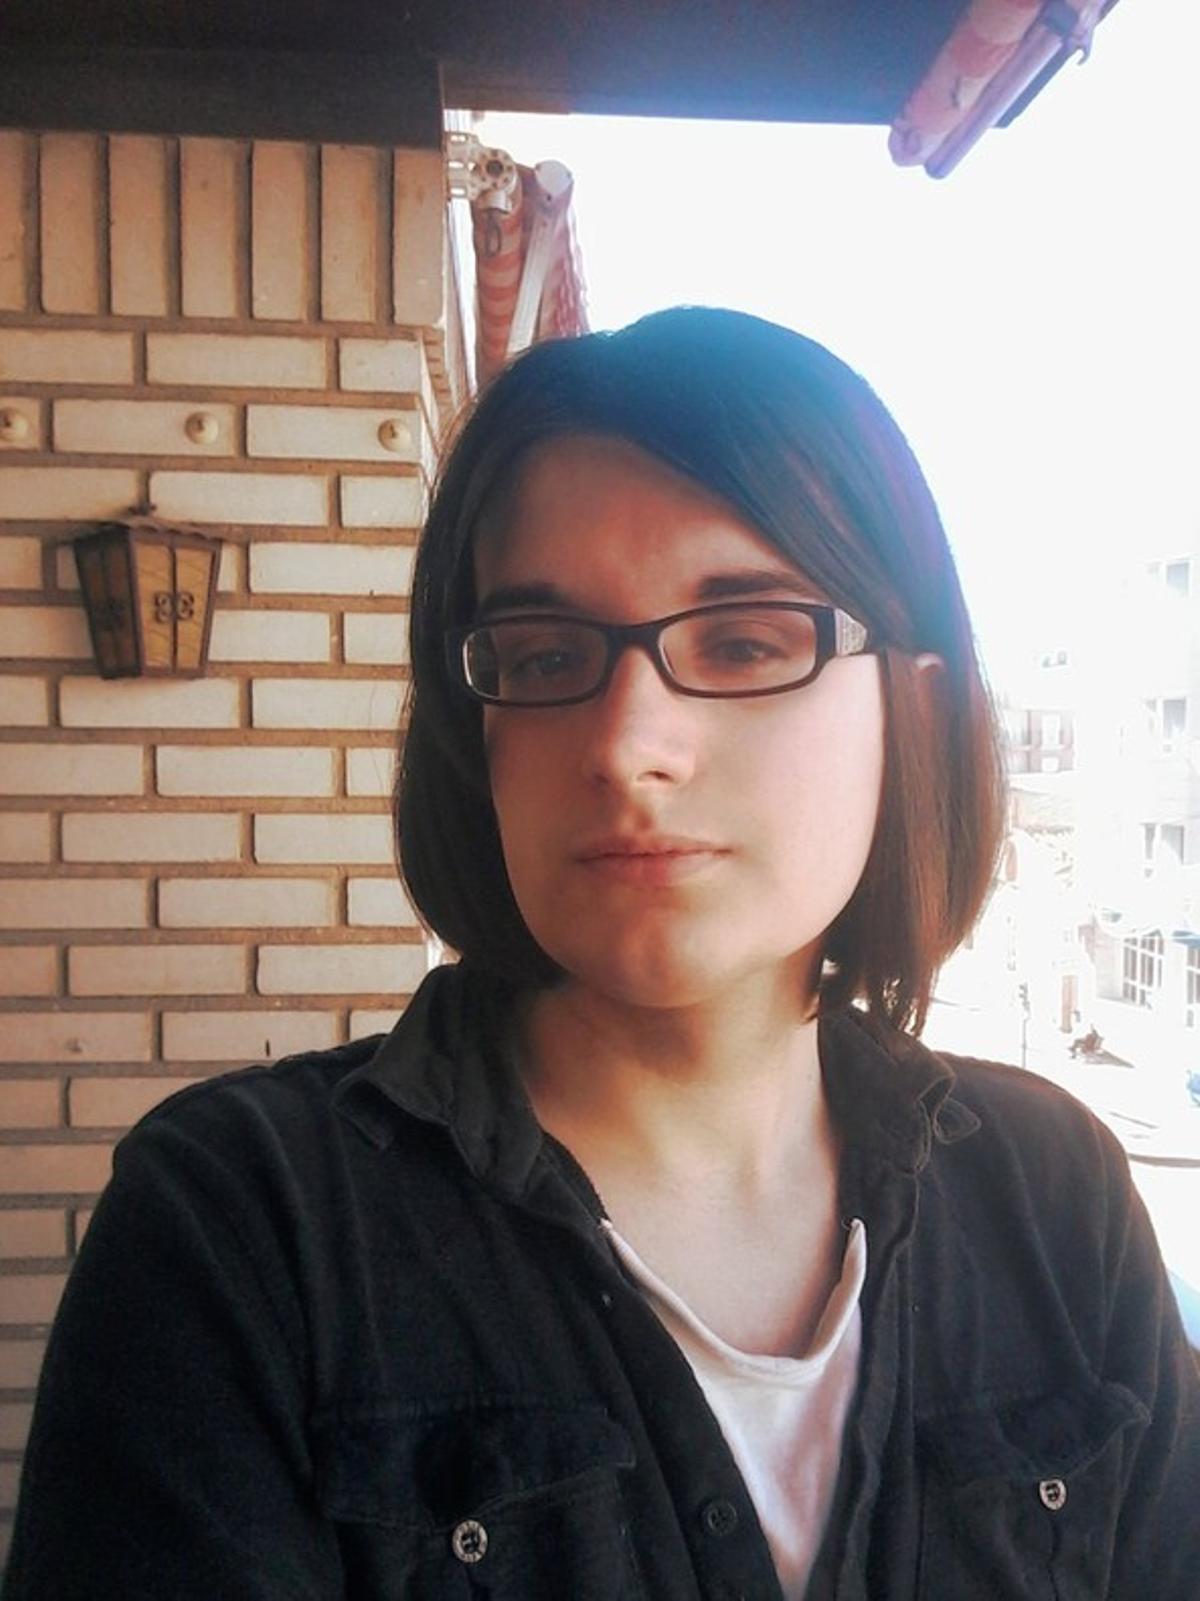 Cassandra, en una imagen colgada en su cuenta de Twitter.